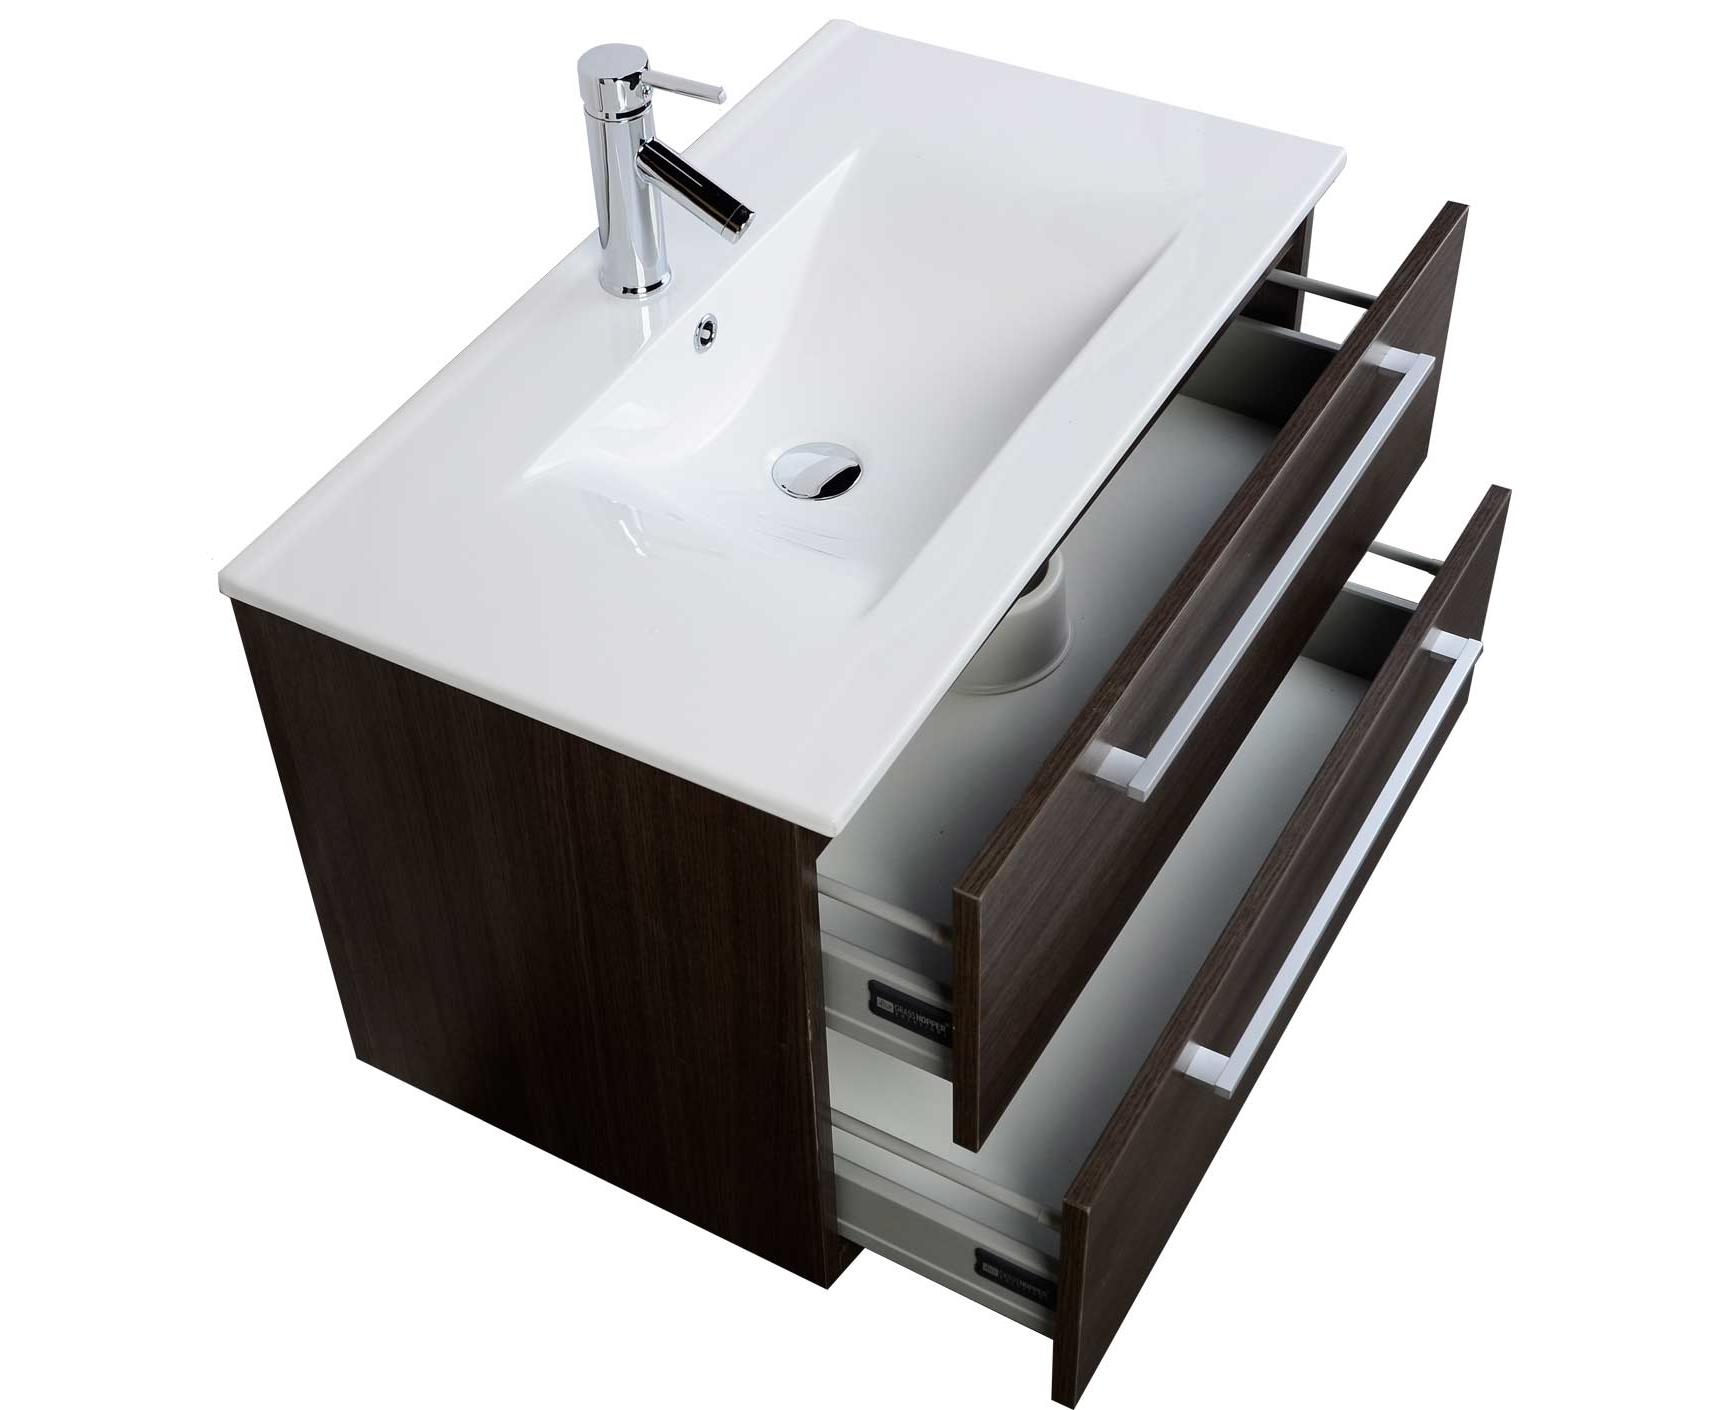 Buy 32 Inch Wall Mount Modern Bathroom Vanity Set Grey Oak Rs Dm800 Go On Conceptbaths Com Free Shipping